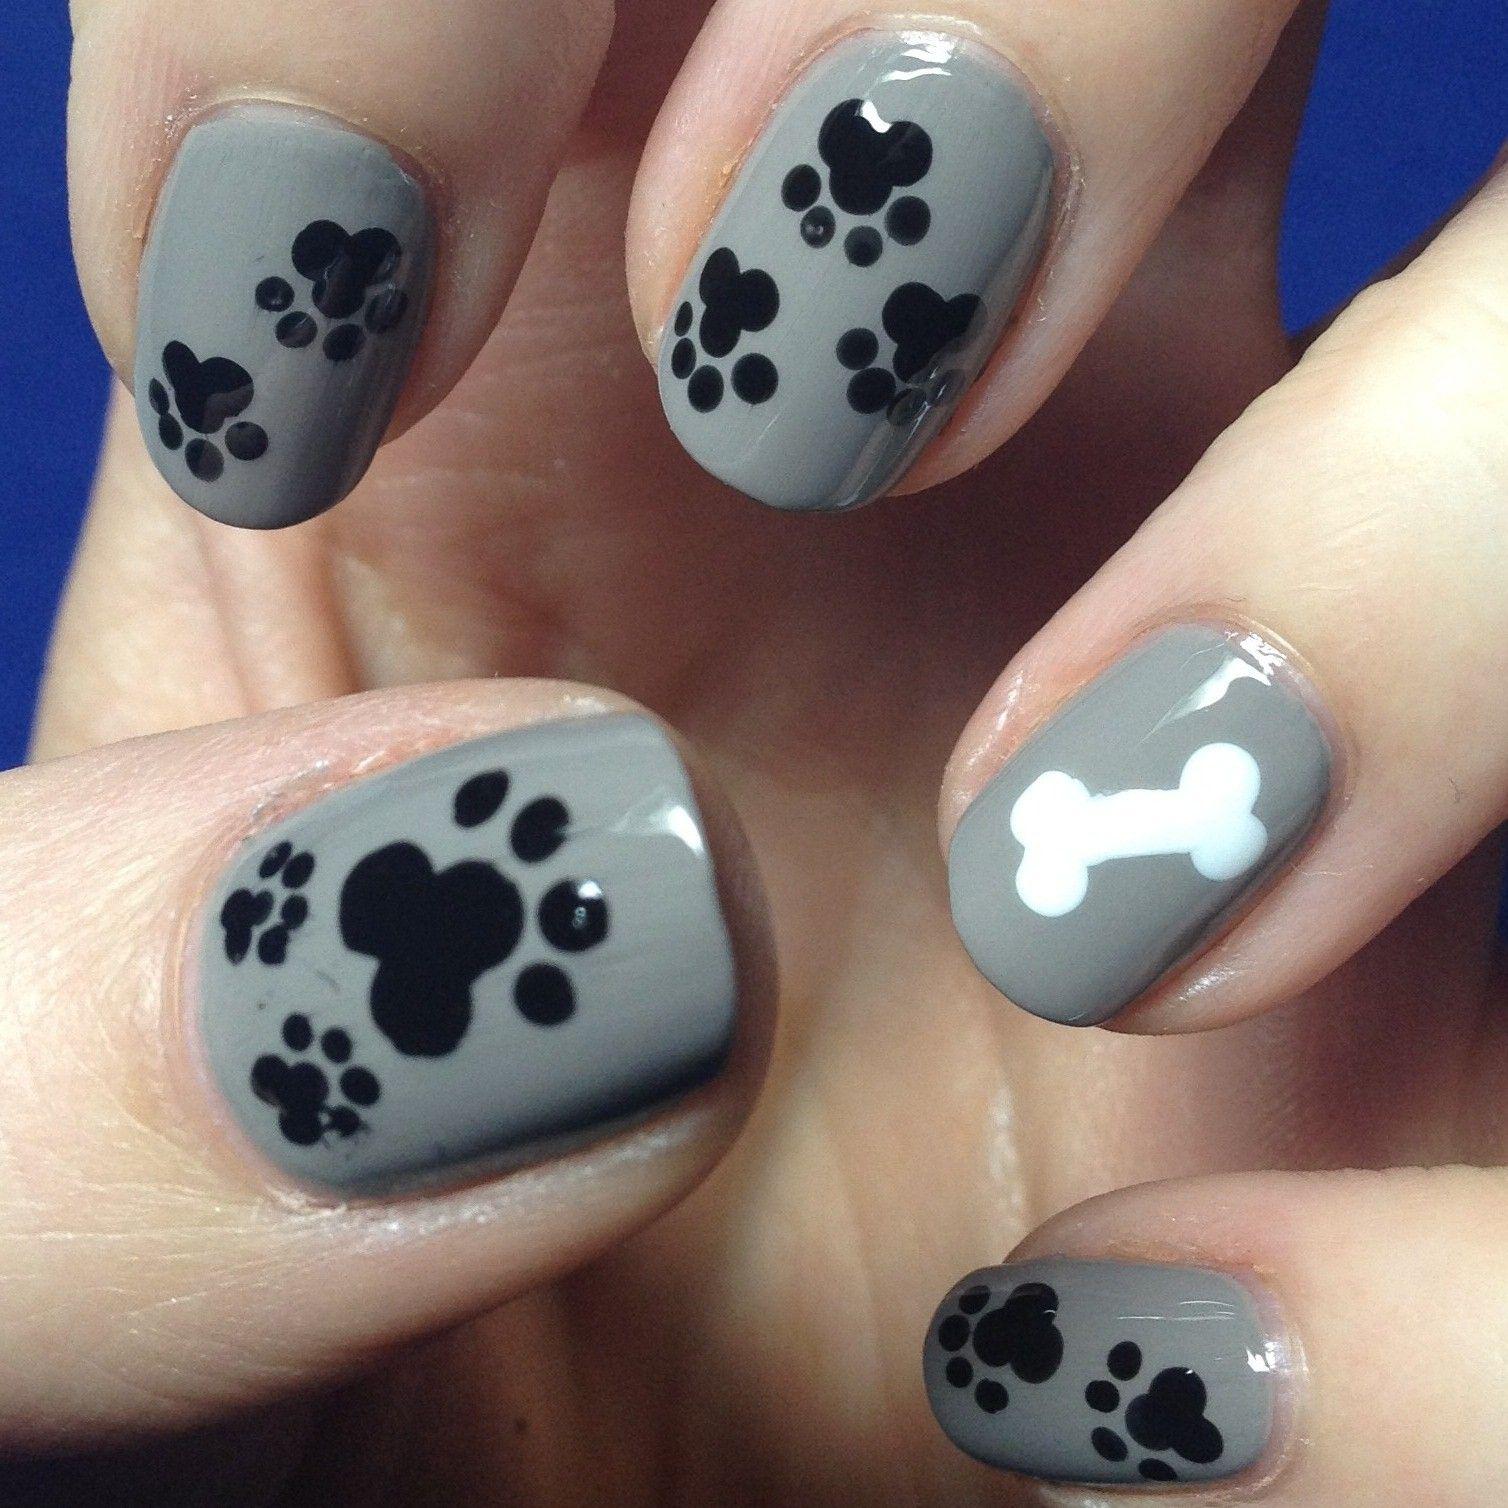 nail art paw prints - Google Search | Styles! | Pinterest | Paw ...